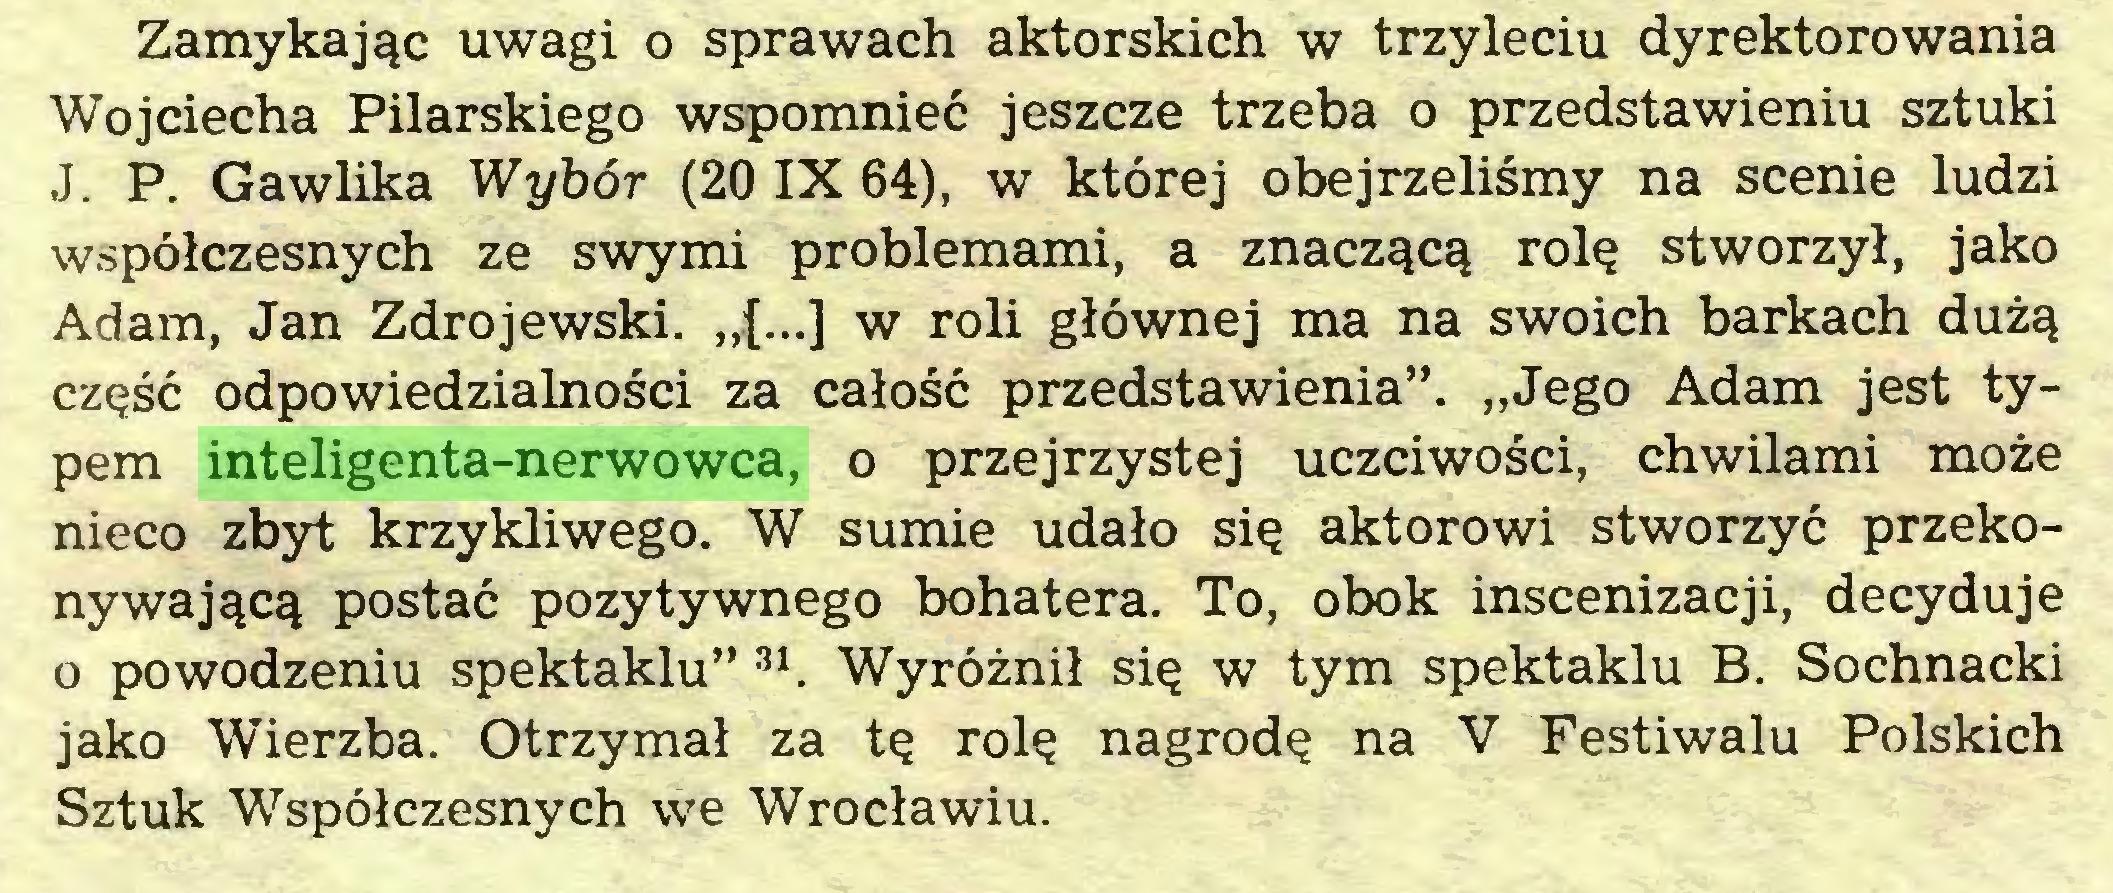 """(...) Zamykając uwagi o sprawach aktorskich w trzyleciu dyrektorowania Wojciecha Pilarskiego wspomnieć jeszcze trzeba o przedstawieniu sztuki J. P. Gawlika Wybór (20 IX 64), w której obejrzeliśmy na scenie ludzi współczesnych ze swymi problemami, a znaczącą rolę stworzył, jako Adam, Jan Zdrojewski. """"{...] w roli głównej ma na swoich barkach dużą część odpowiedzialności za całość przedstawienia"""". """"Jego Adam jest typem inteligenta-nerwowca, o przejrzystej uczciwości, chwilami może nieco zbyt krzykliwego. W sumie udało się aktorowi stworzyć przekonywającą postać pozytywnego bohatera. To, obok inscenizacji, decyduje o powodzeniu spektaklu"""" 31. Wyróżnił się w tym spektaklu B. Sochnacki jako Wierzba. Otrzymał za tę rolę nagrodę na V Festiwalu Polskich Sztuk Współczesnych we Wrocławiu..."""